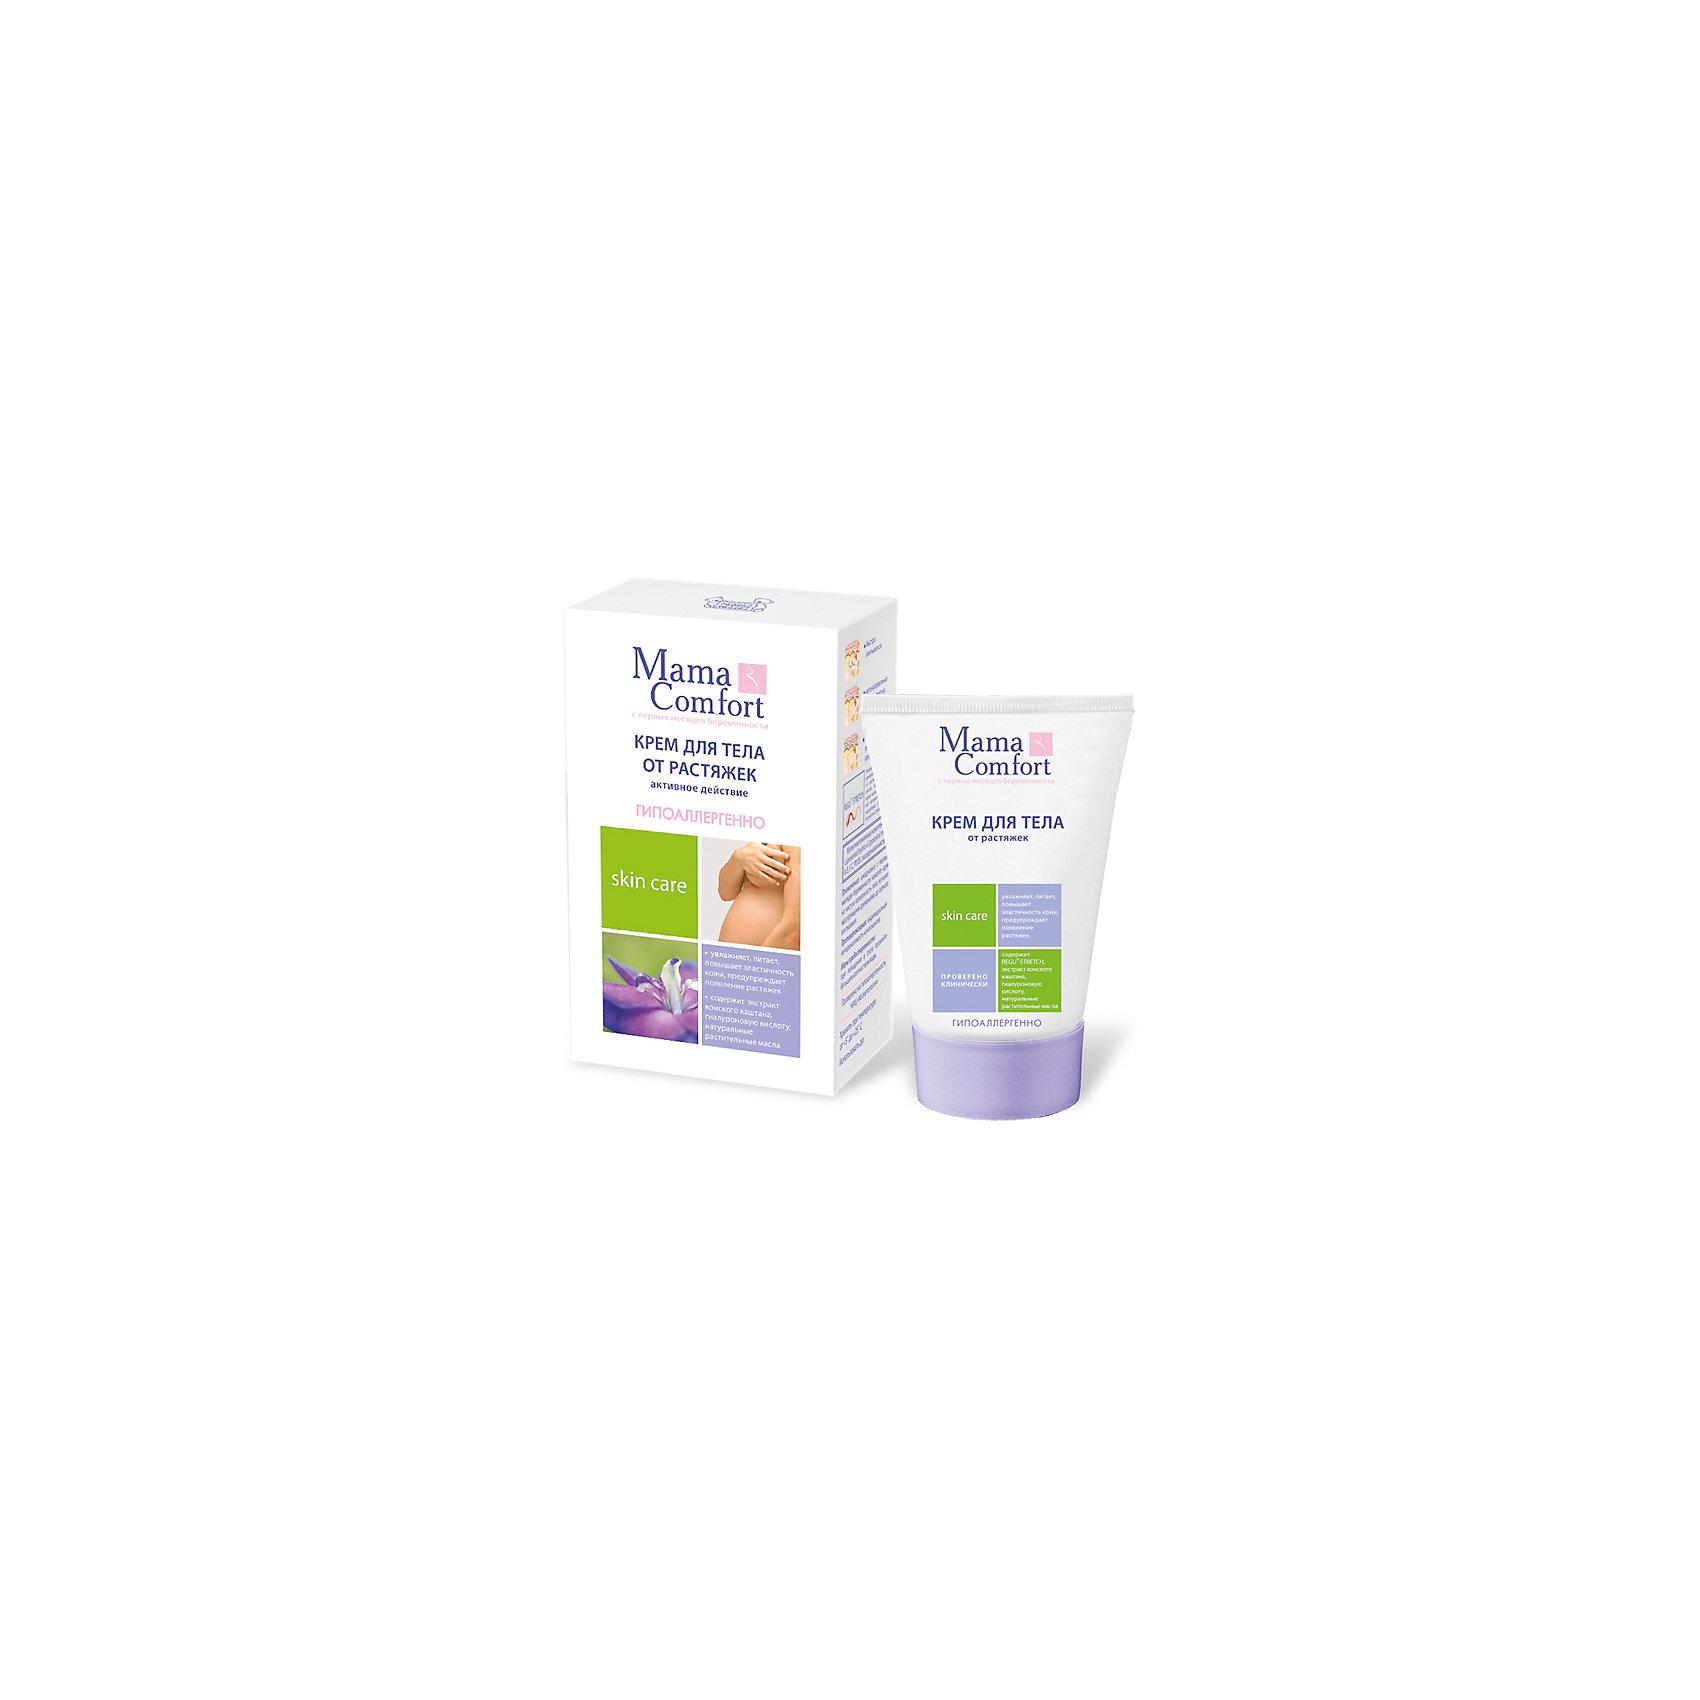 Крем для тела от растяжек COMFORT 100 мл., MAMAСбалансированный комплекс витаминов, растительных экстрактов и масел, которые входят  в состав крема, интенсивно питают, увлажняют и повышают эластичность и упругость кожи в период беременности.<br>Входящий в состав крема инновационный комплекс поможет  восстановить нарушенную структуру  коллагеновых и эластиновых волокон в проблемных зонах.<br>Гиалуроновая кислота оказывает продолжительное увлажняющее действие, удерживая воду в межклеточном пространстве кожного покрова.<br>Ежедневное применение крема в течение беременности и в после родовой период нормализует состояние кожи, предупреждает появление растяжек, способствует уменьшению размера уже существующих.<br><br> Дополнительная информация: <br><br>- состав крема: <br>- экстракт конского каштана<br>- гиалуроновую кислоту.<br>- натуральные растительные масла.<br>- торговая марка: : Mama Comfort<br>- страна изготовления:  Россия<br><br>Крем для тела от растяжек Comfort 100 мл.,  можно купить в нашем интернет-магазине.<br><br>Ширина мм: 250<br>Глубина мм: 150<br>Высота мм: 150<br>Вес г: 150<br>Возраст от месяцев: -2147483648<br>Возраст до месяцев: 2147483647<br>Пол: Унисекс<br>Возраст: Детский<br>SKU: 4801611